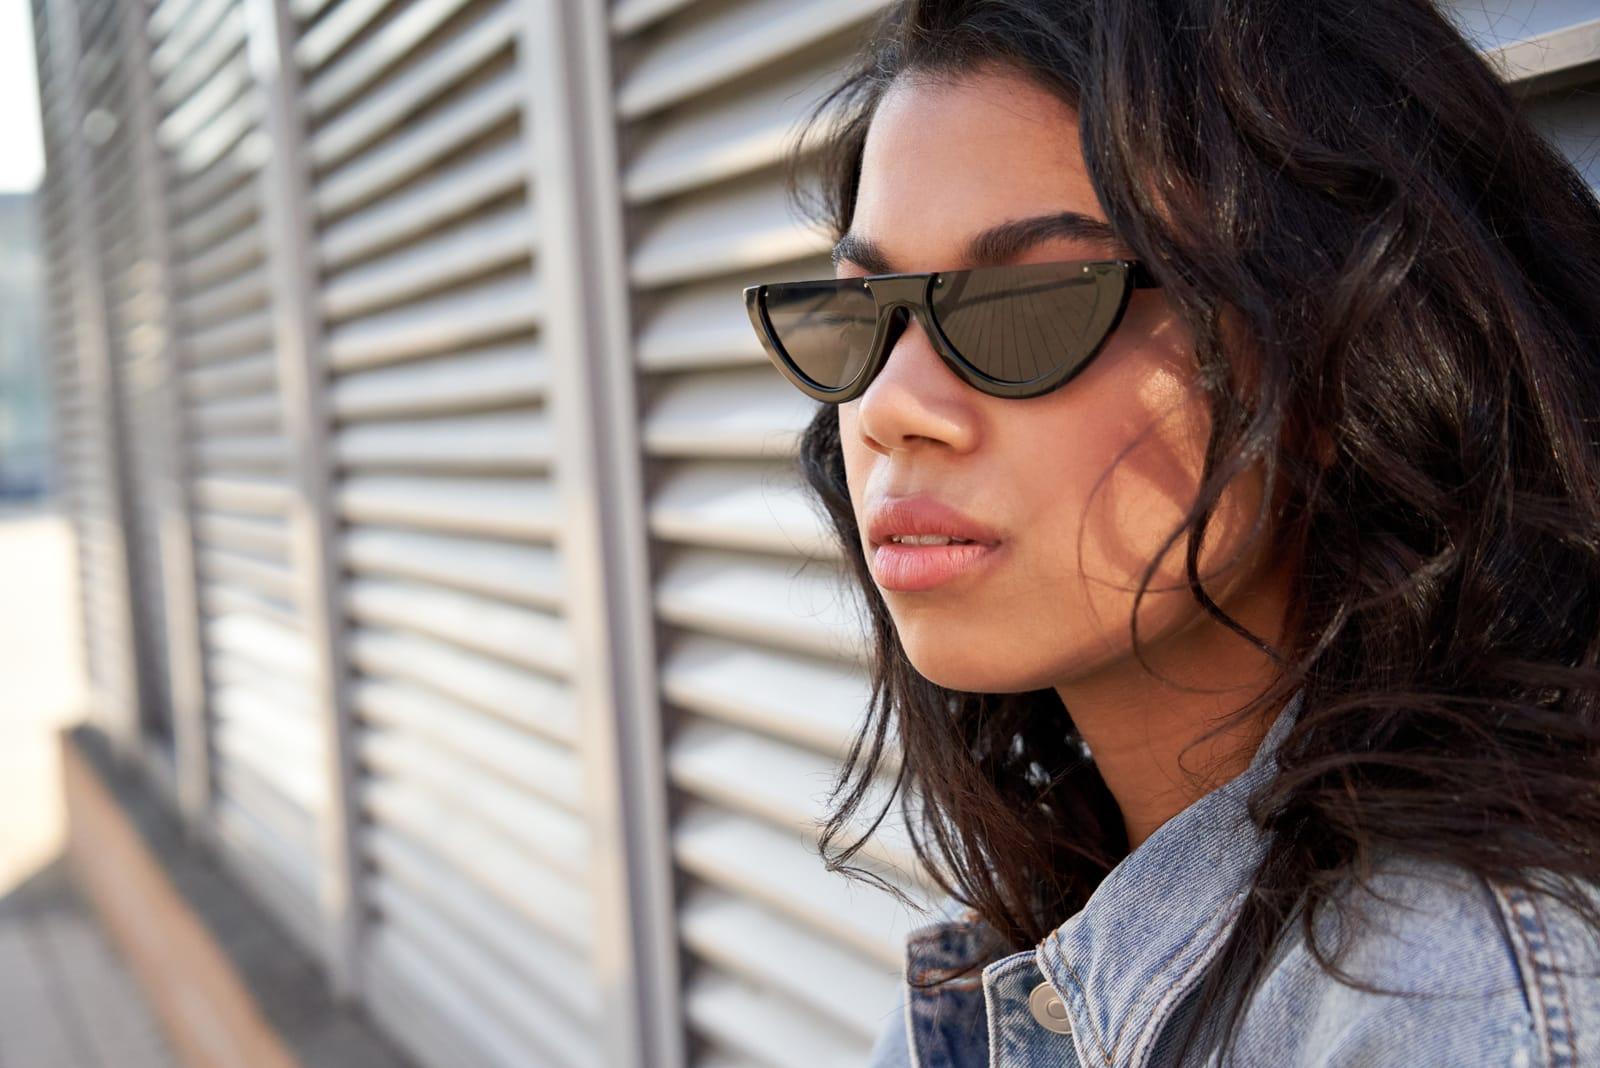 woman wearing stylish sunglasses